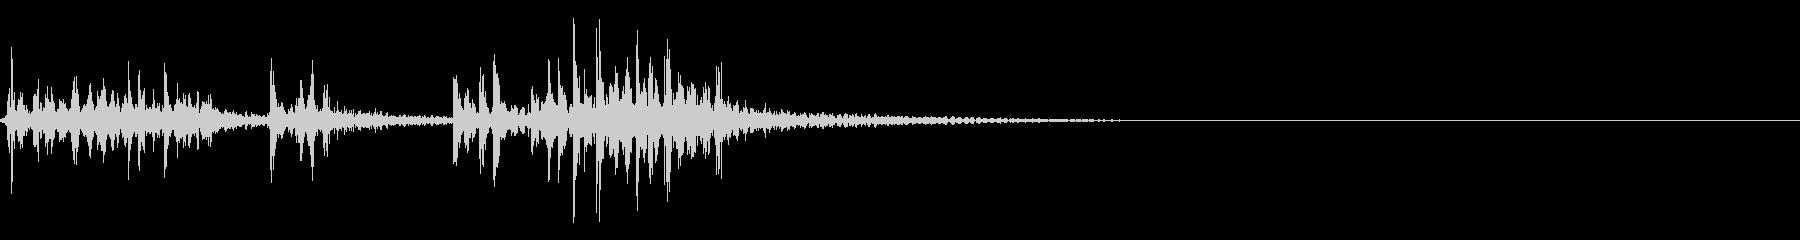 スパーク音-46の未再生の波形